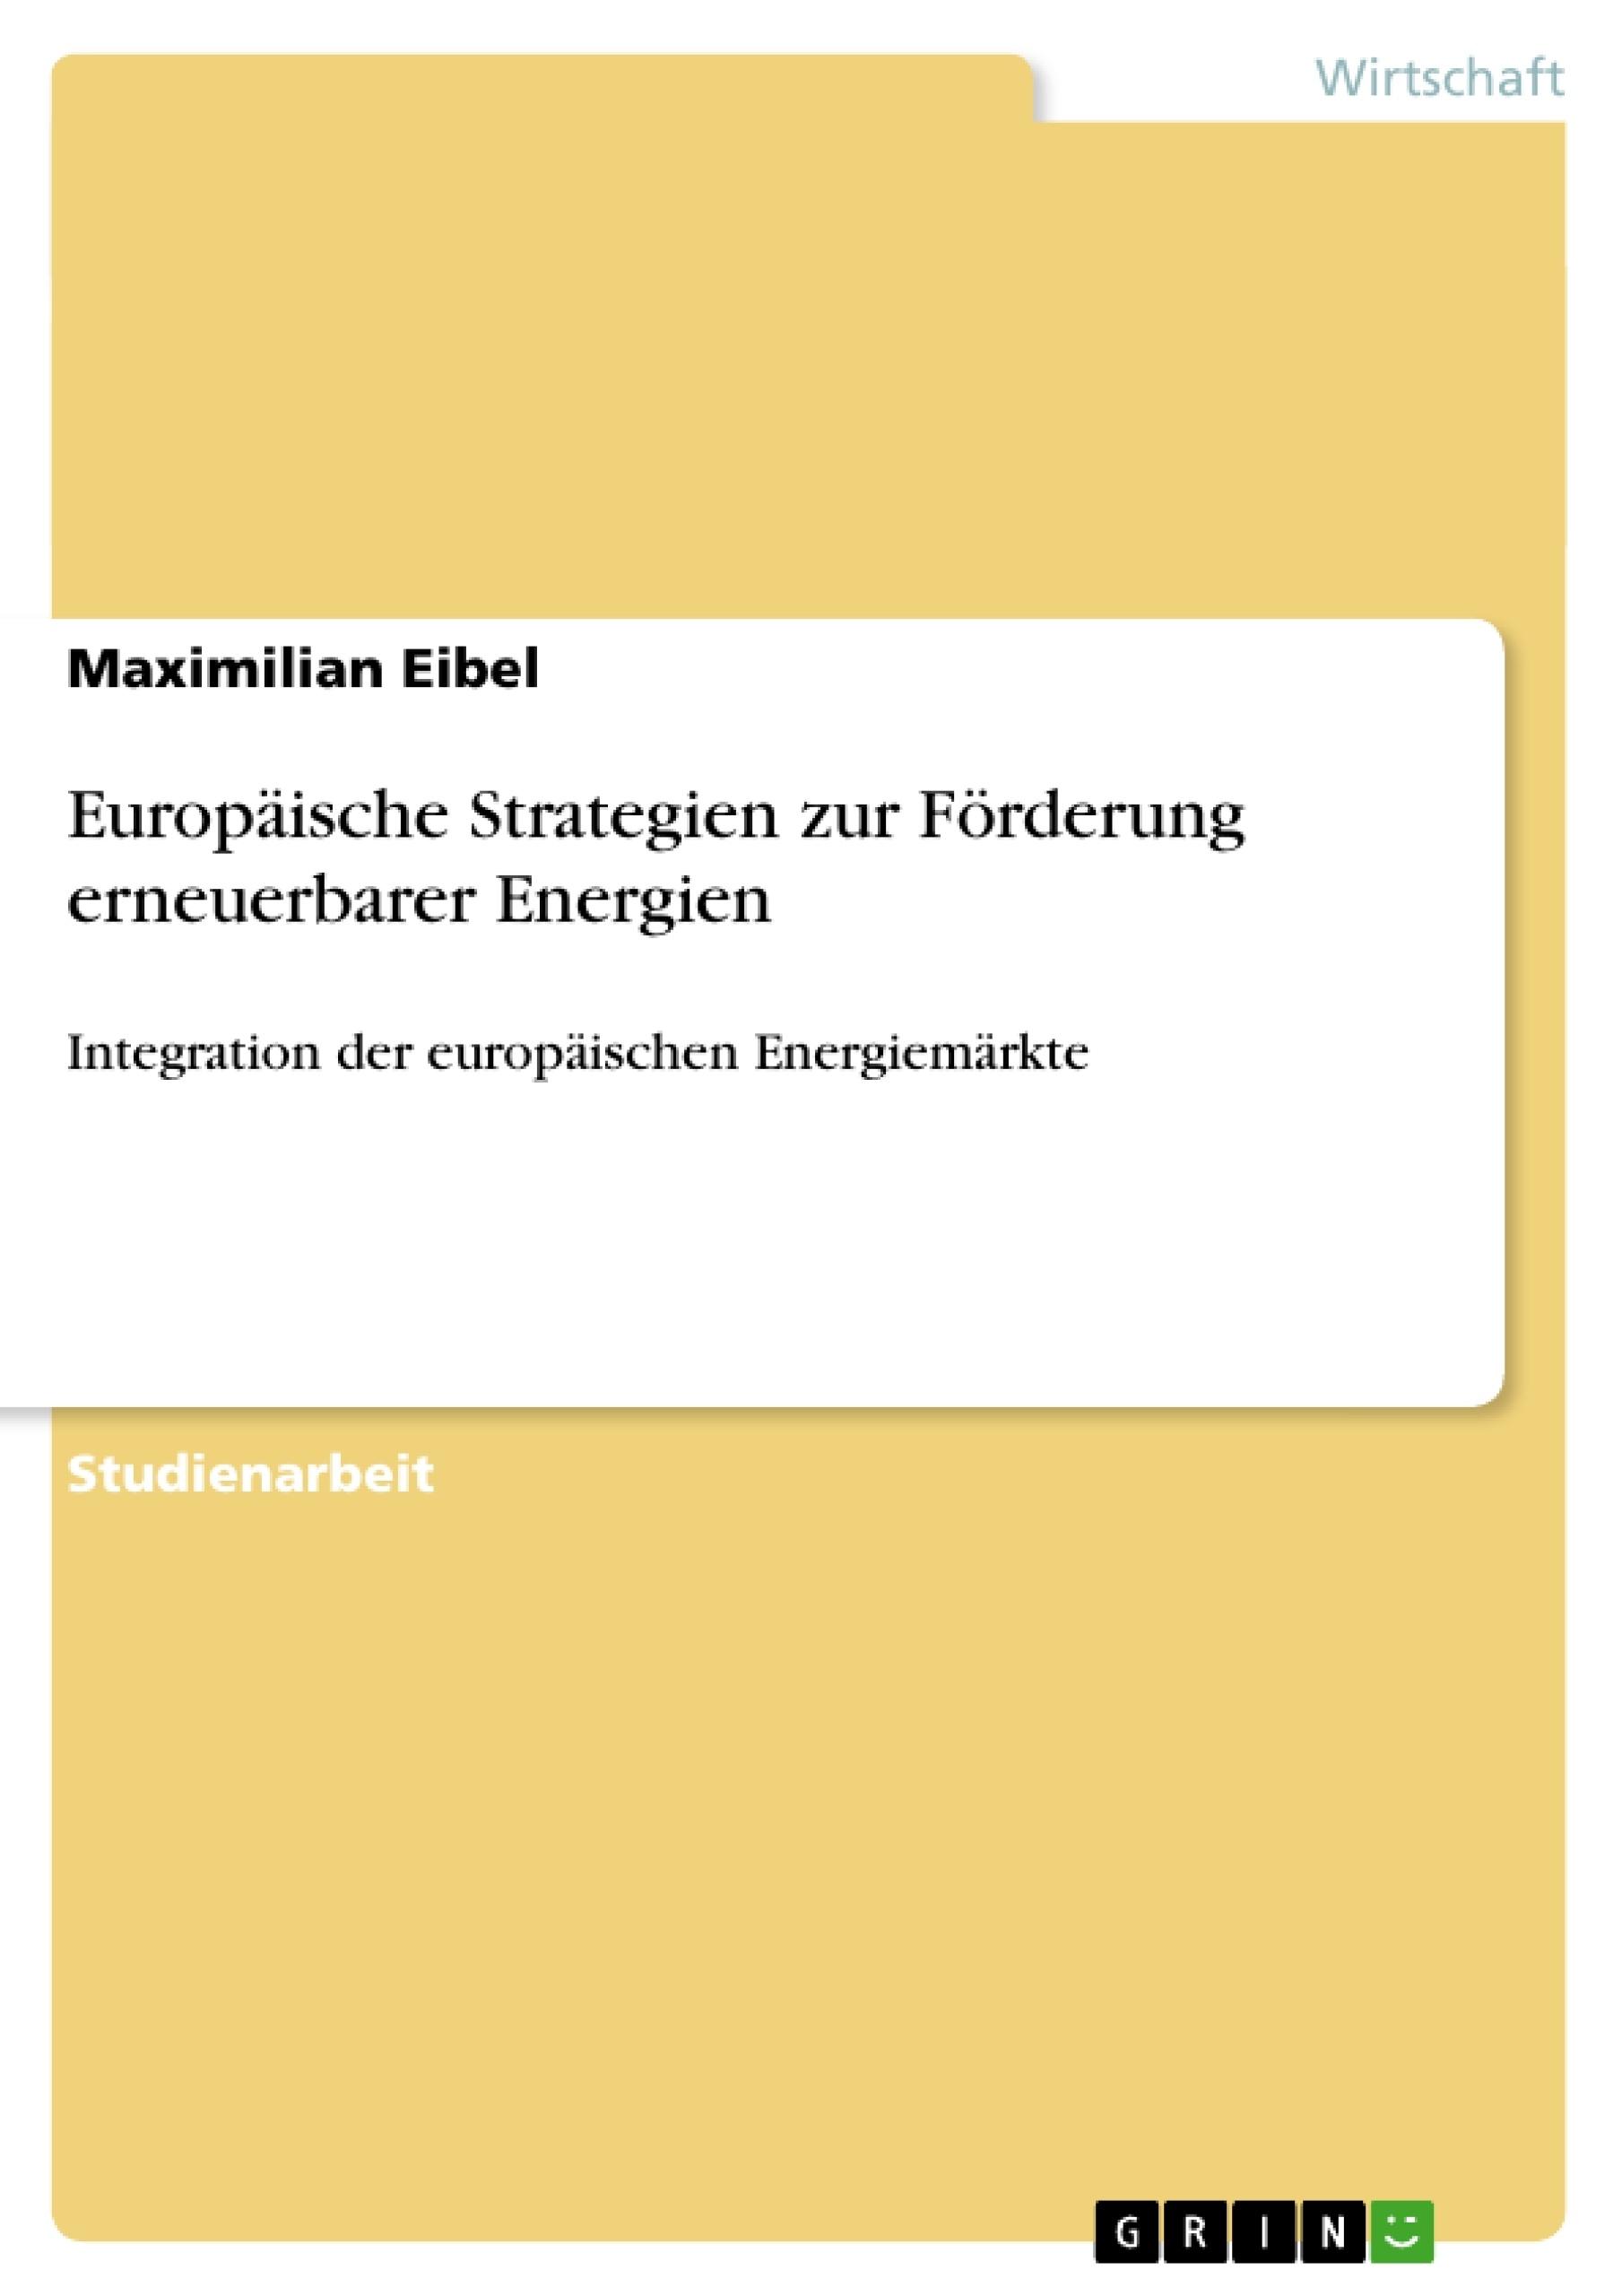 Titel: Europäische Strategien zur Förderung erneuerbarer Energien